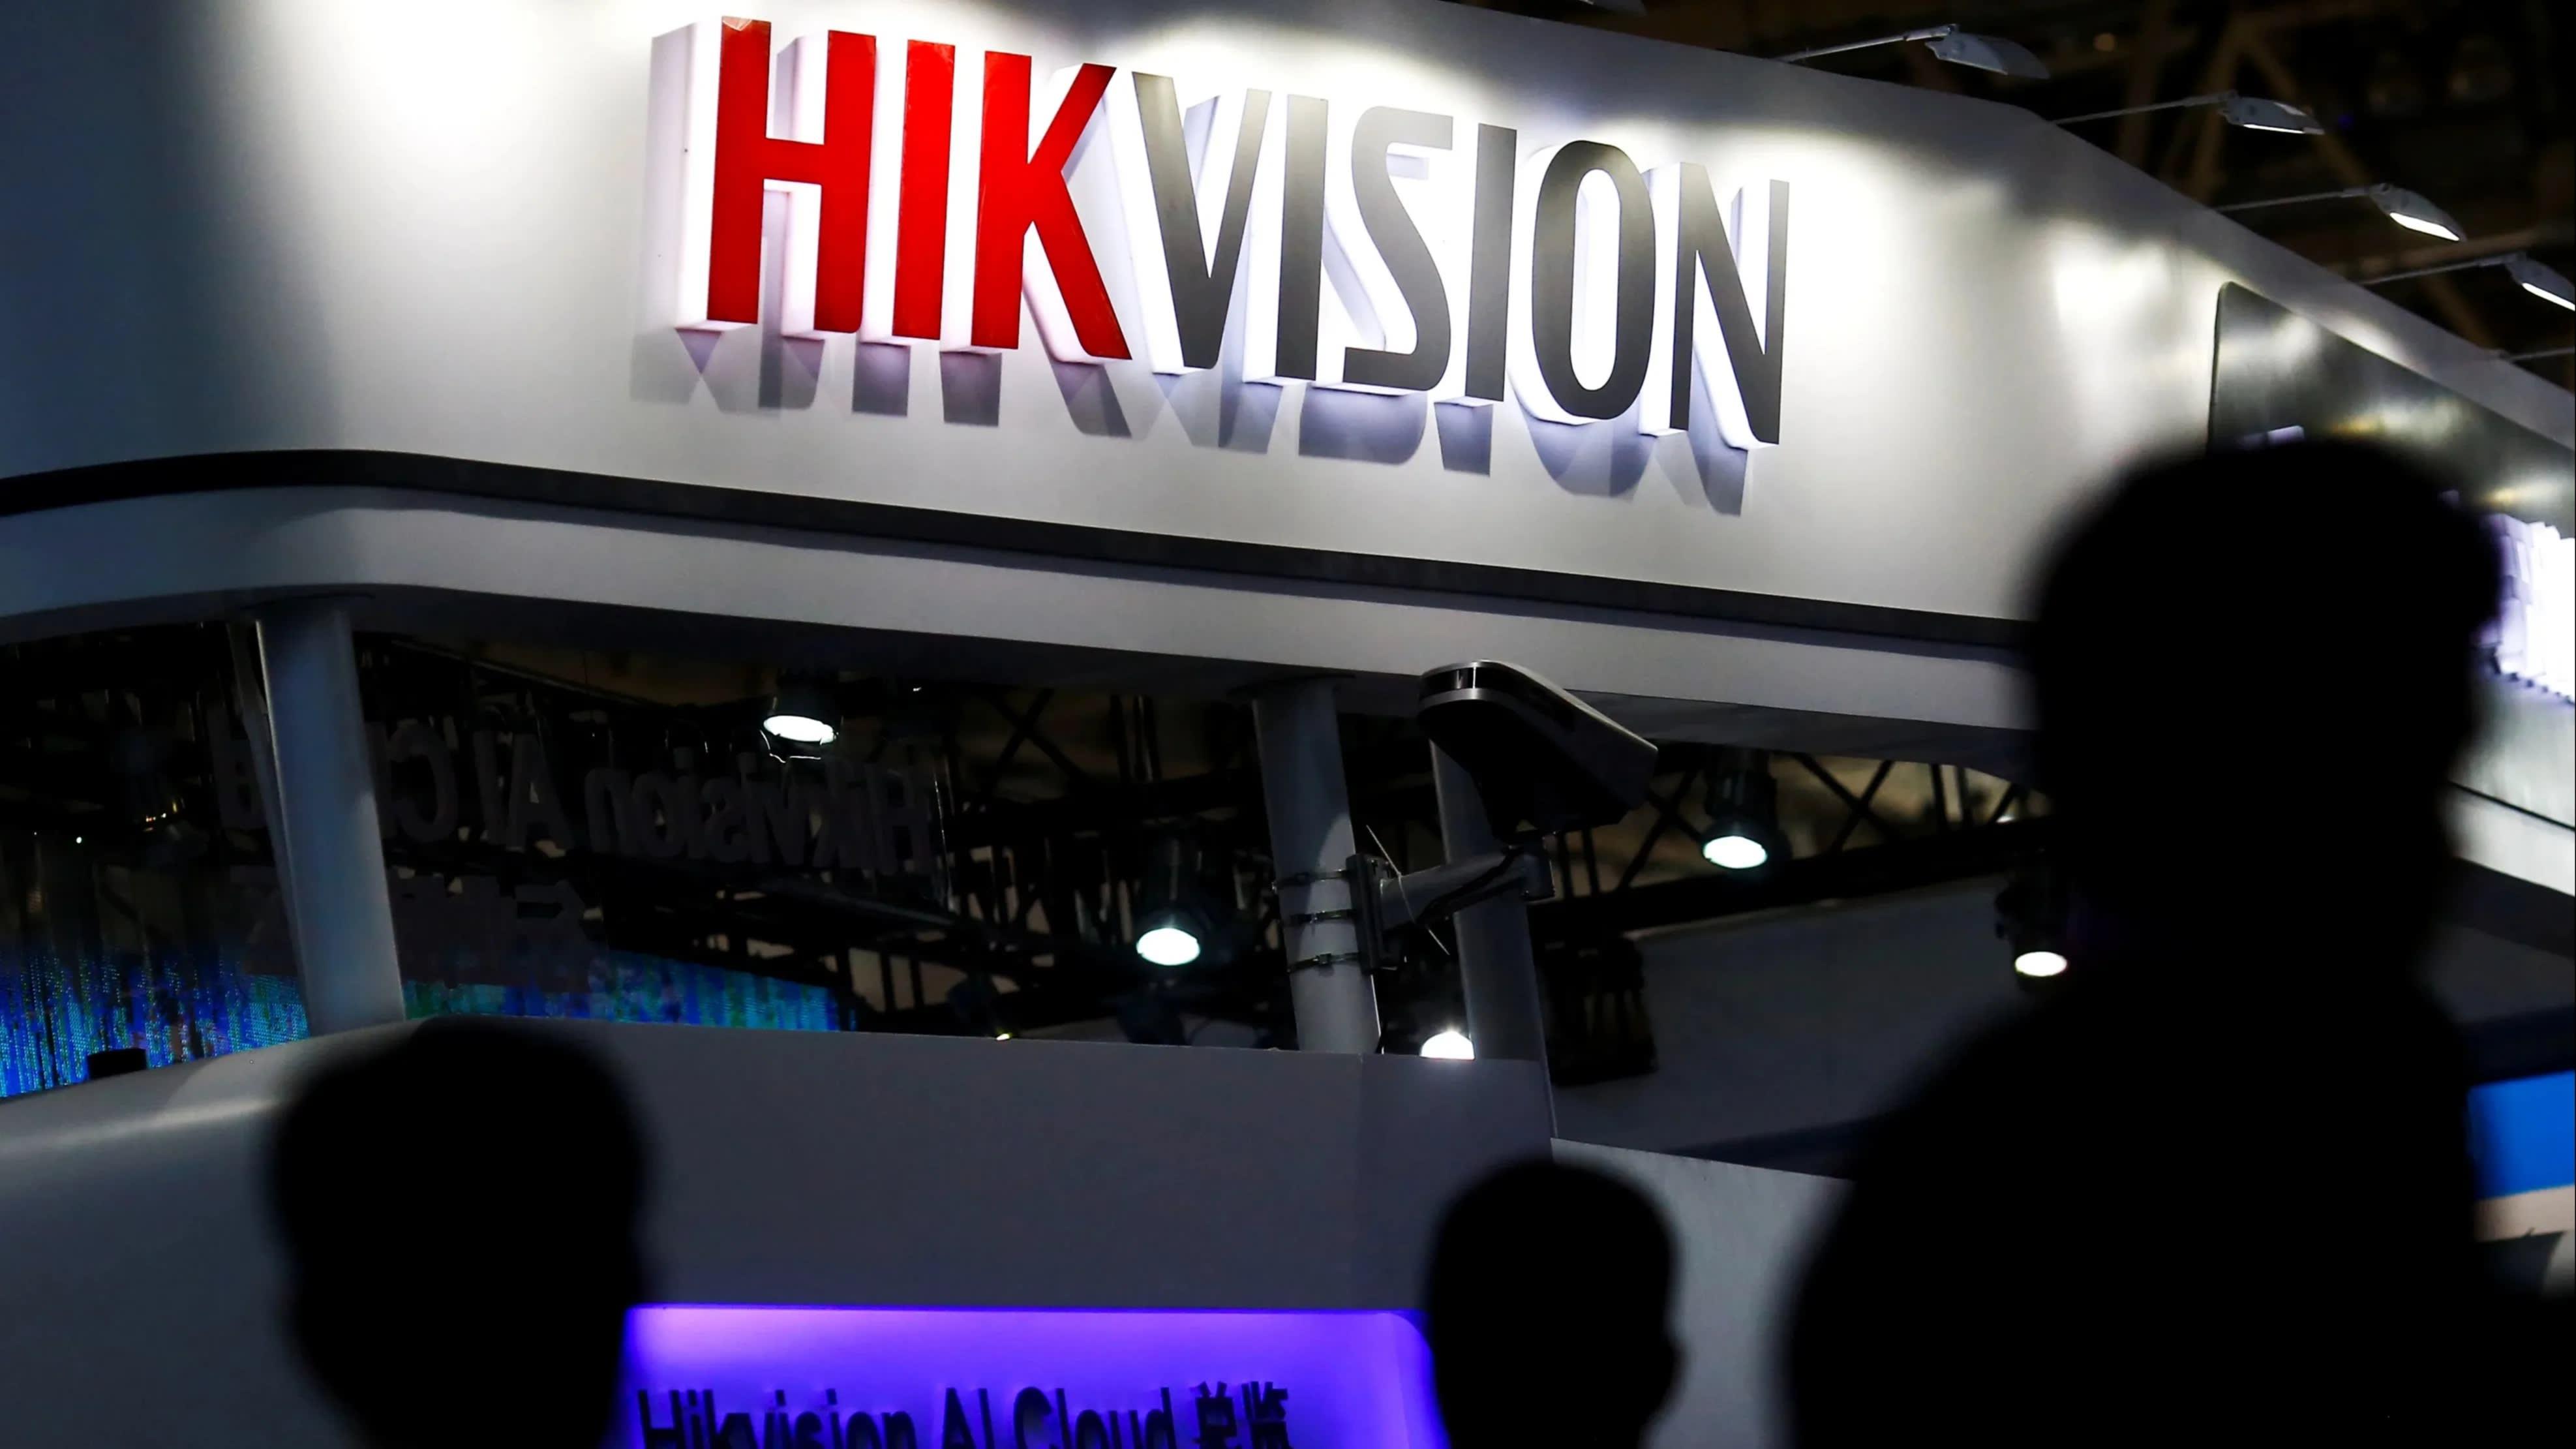 Российские компании демонстрируют рост заинтересованности к терминалам по распознаванию лиц – результаты опроса Hikvision